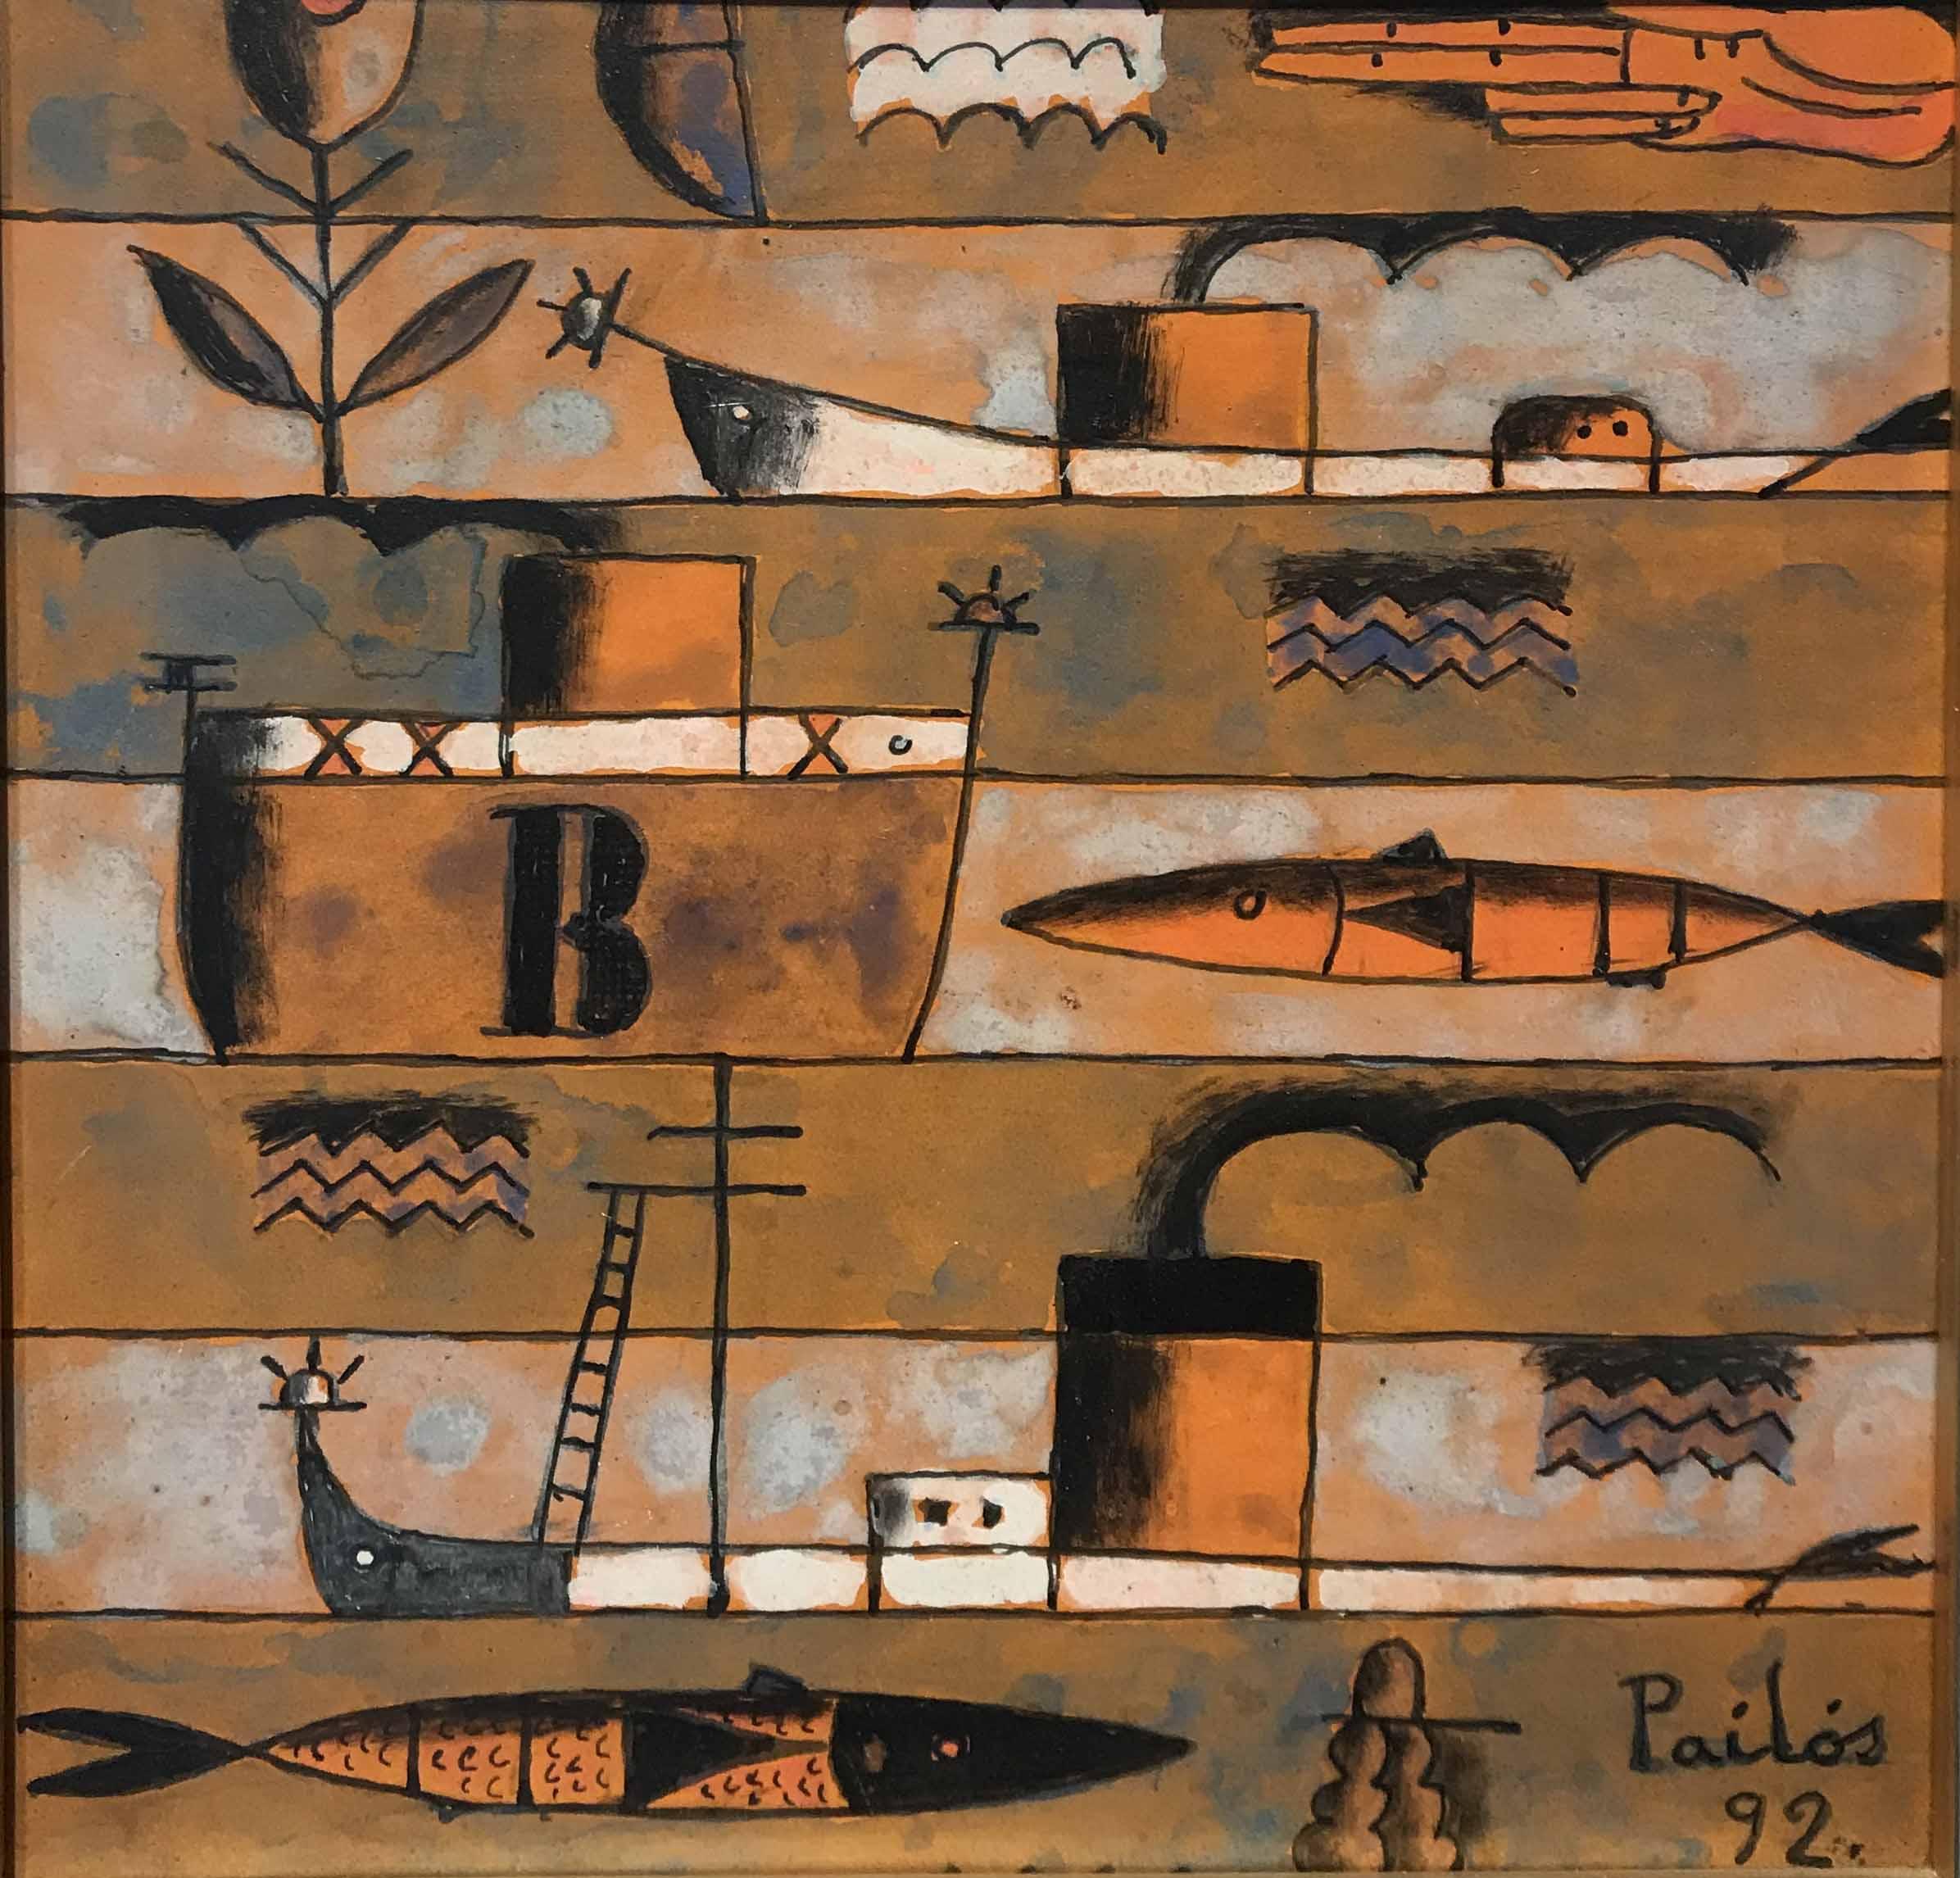 """MANUEL PAILOS (1918 - 2004) """"SERIE AVENTURAS"""" Encáustica; 20 x 20 cm. Firmado y fechado ´92 abajo a la derecha. POR CONSULTAS DE PRECIOS, CONTACTE LA GALERIA. FOR PRICE´S ENQUIRIES, PLEASE CONTACT THE GALLERY."""